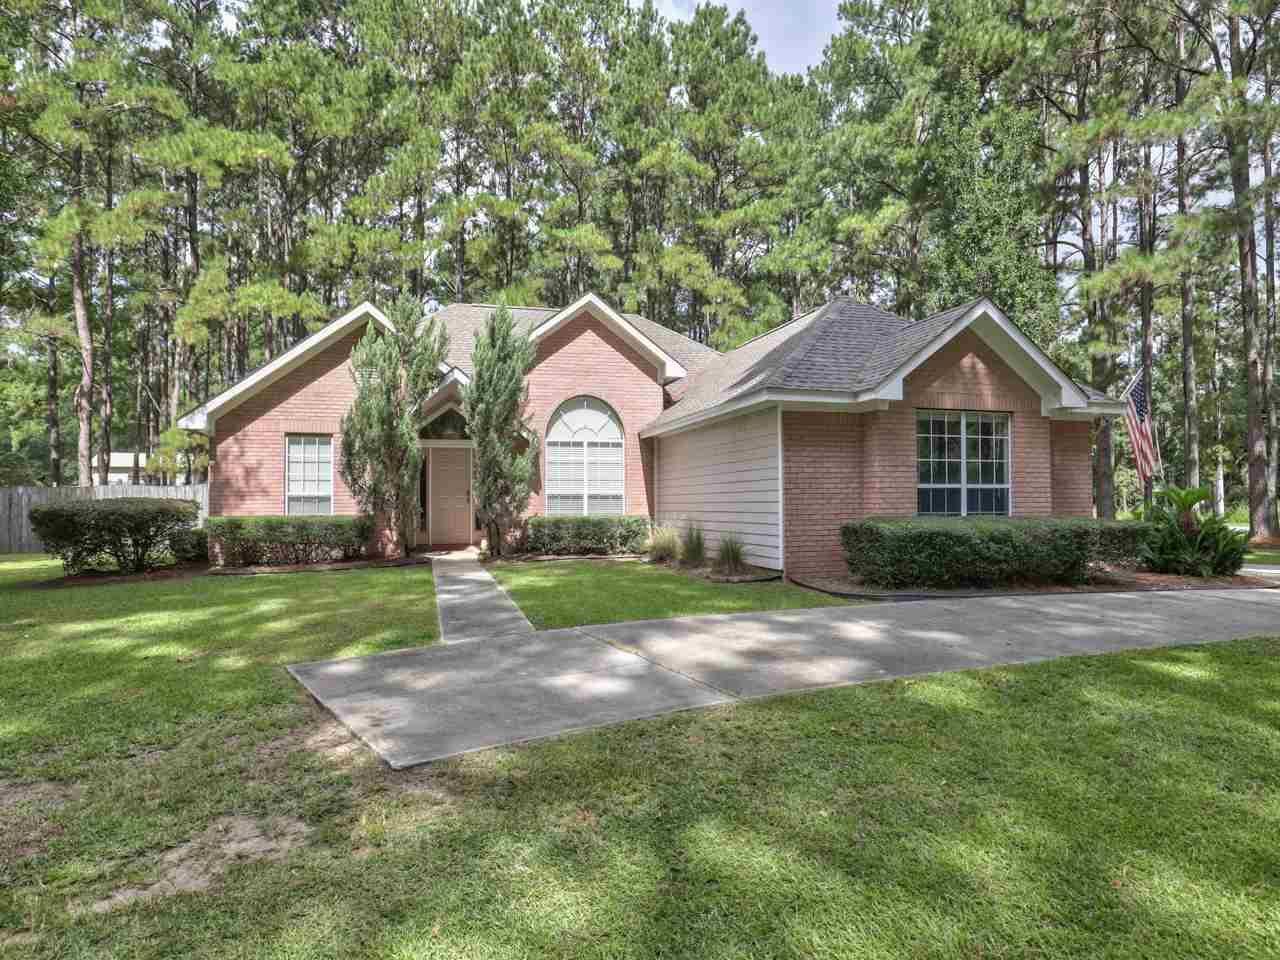 1393 GATESHEAD Circle, Tallahassee, FL 32317 - MLS#: 322587